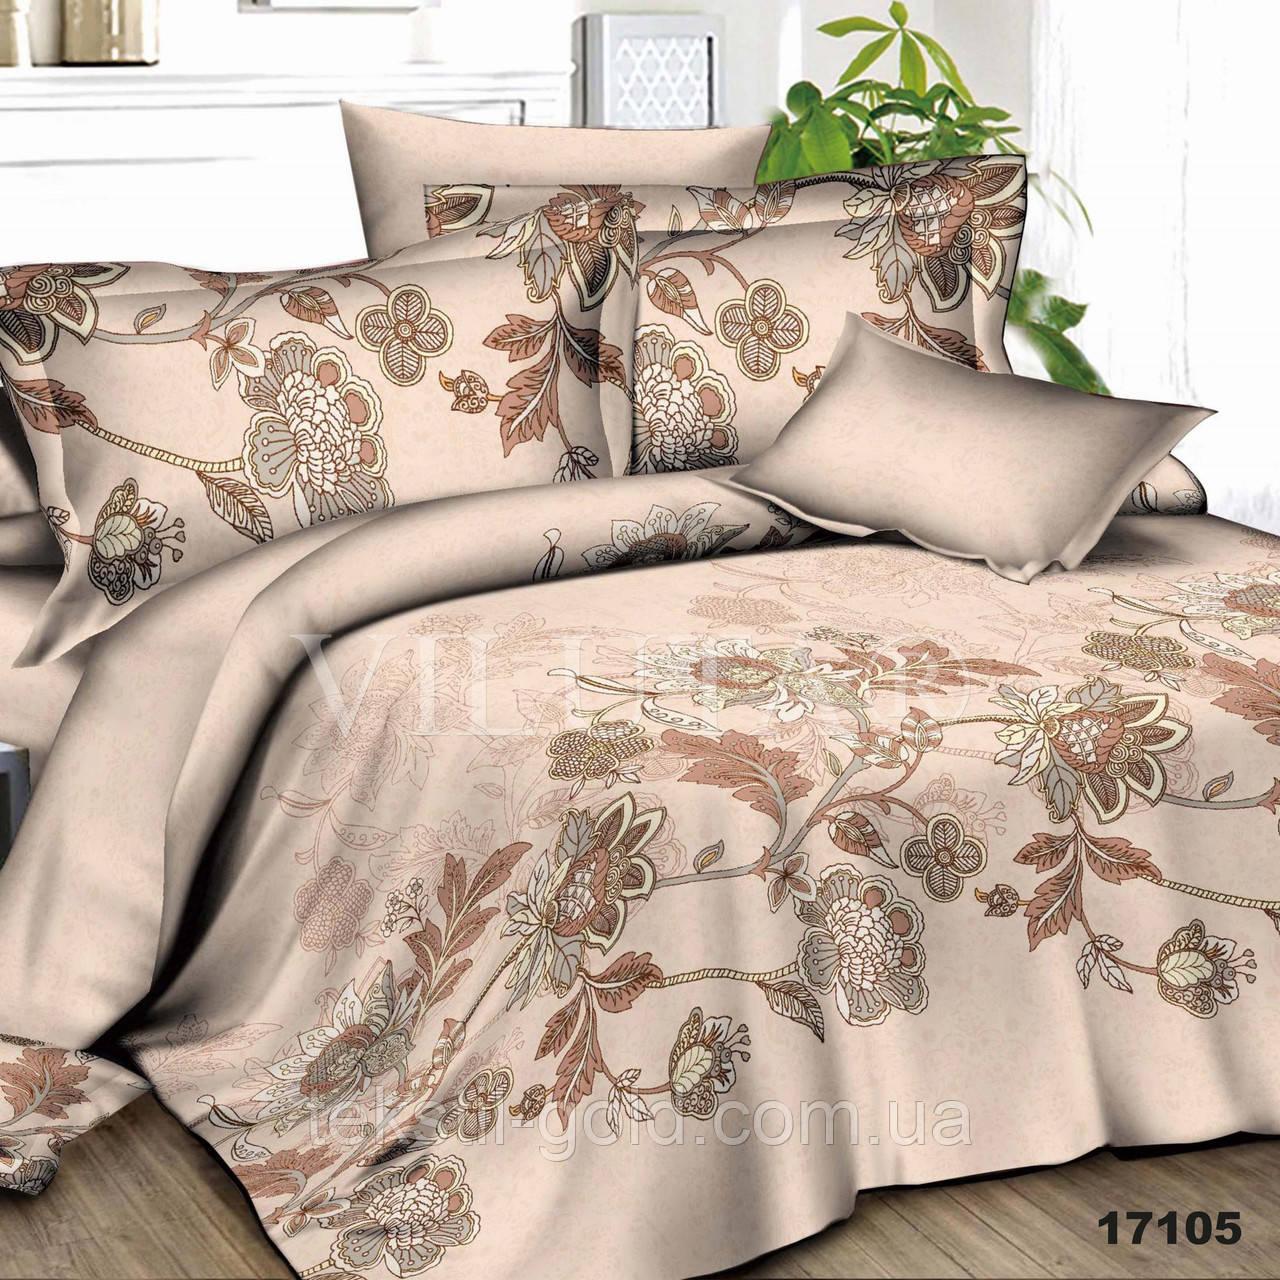 Семейный комплект постельного белья VILUTA ранфорс 17105